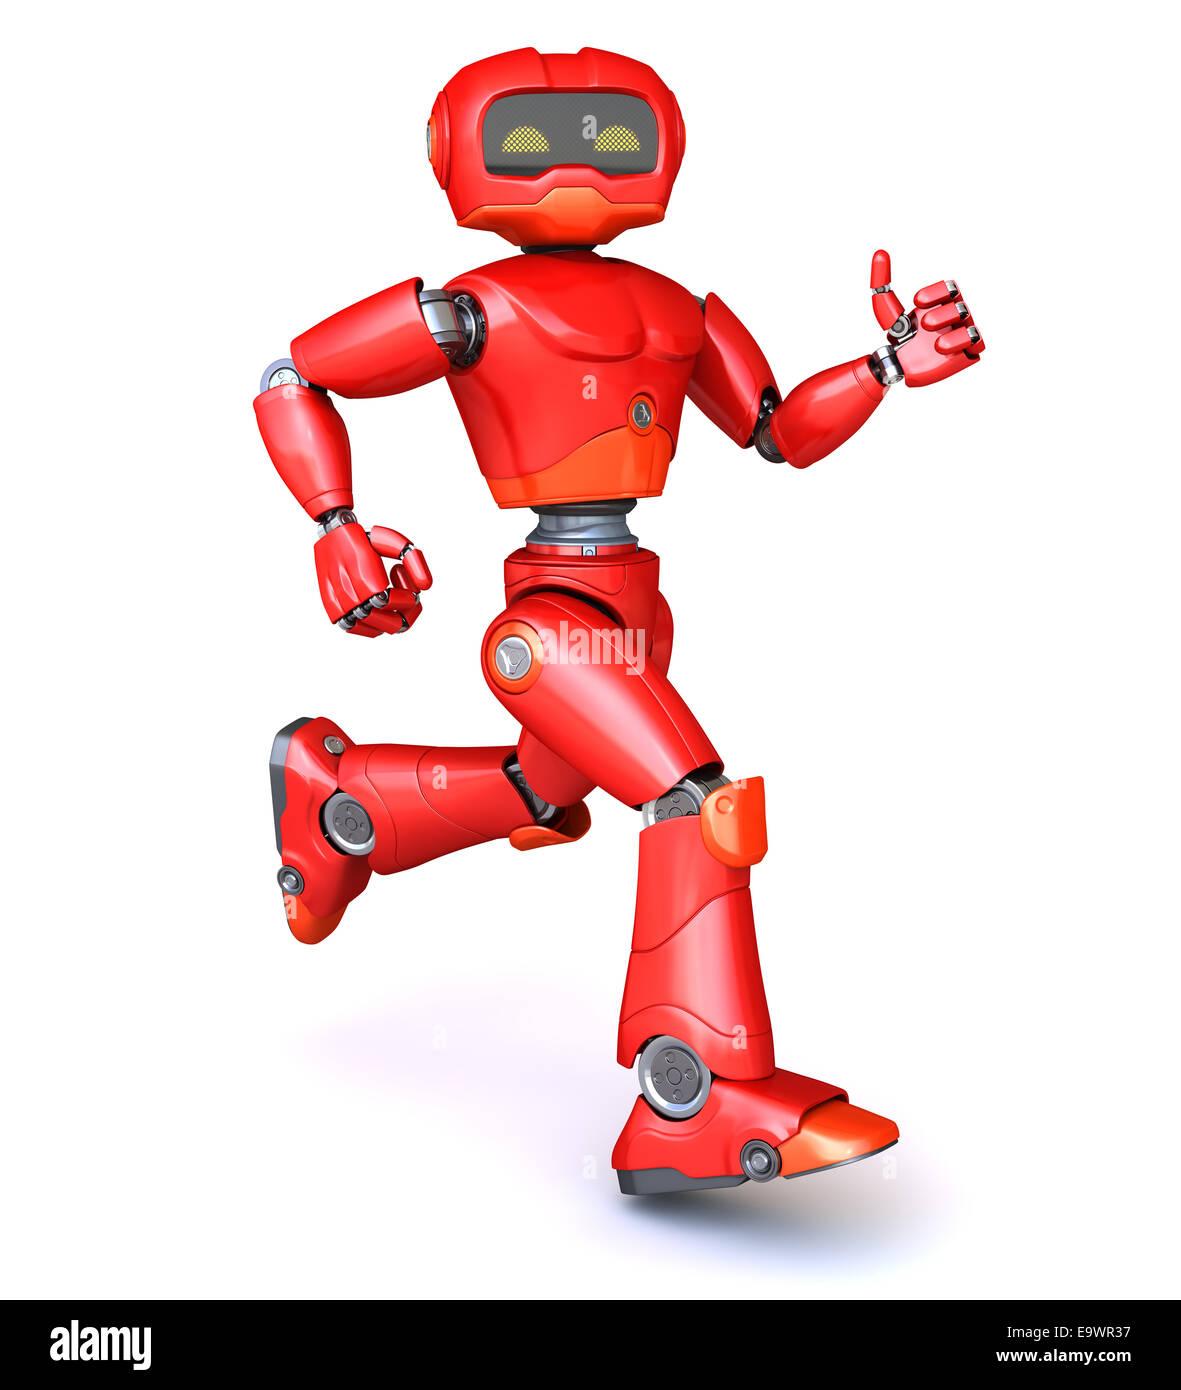 Running red robot Stock Photo: 74940299 - Alamy